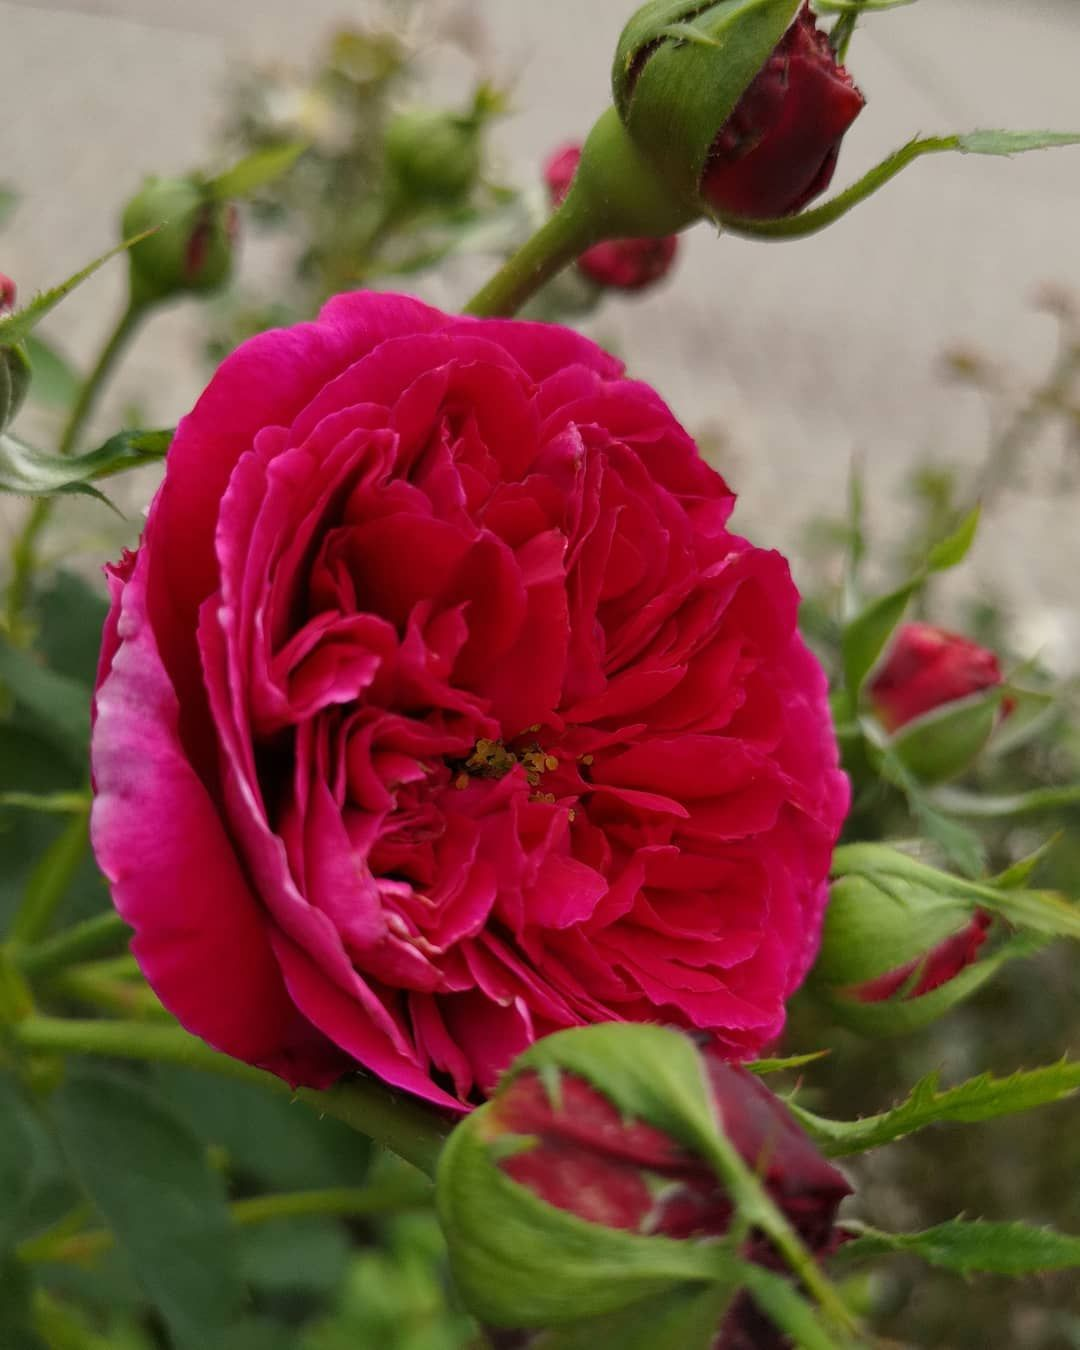 Insekten Garten Foto Fotografie Stadt Kultur Happyday Kunst Blumen Rosen Landschaft Natur Rosen Global Flowers K Garten Fotografie Blumen Wiese